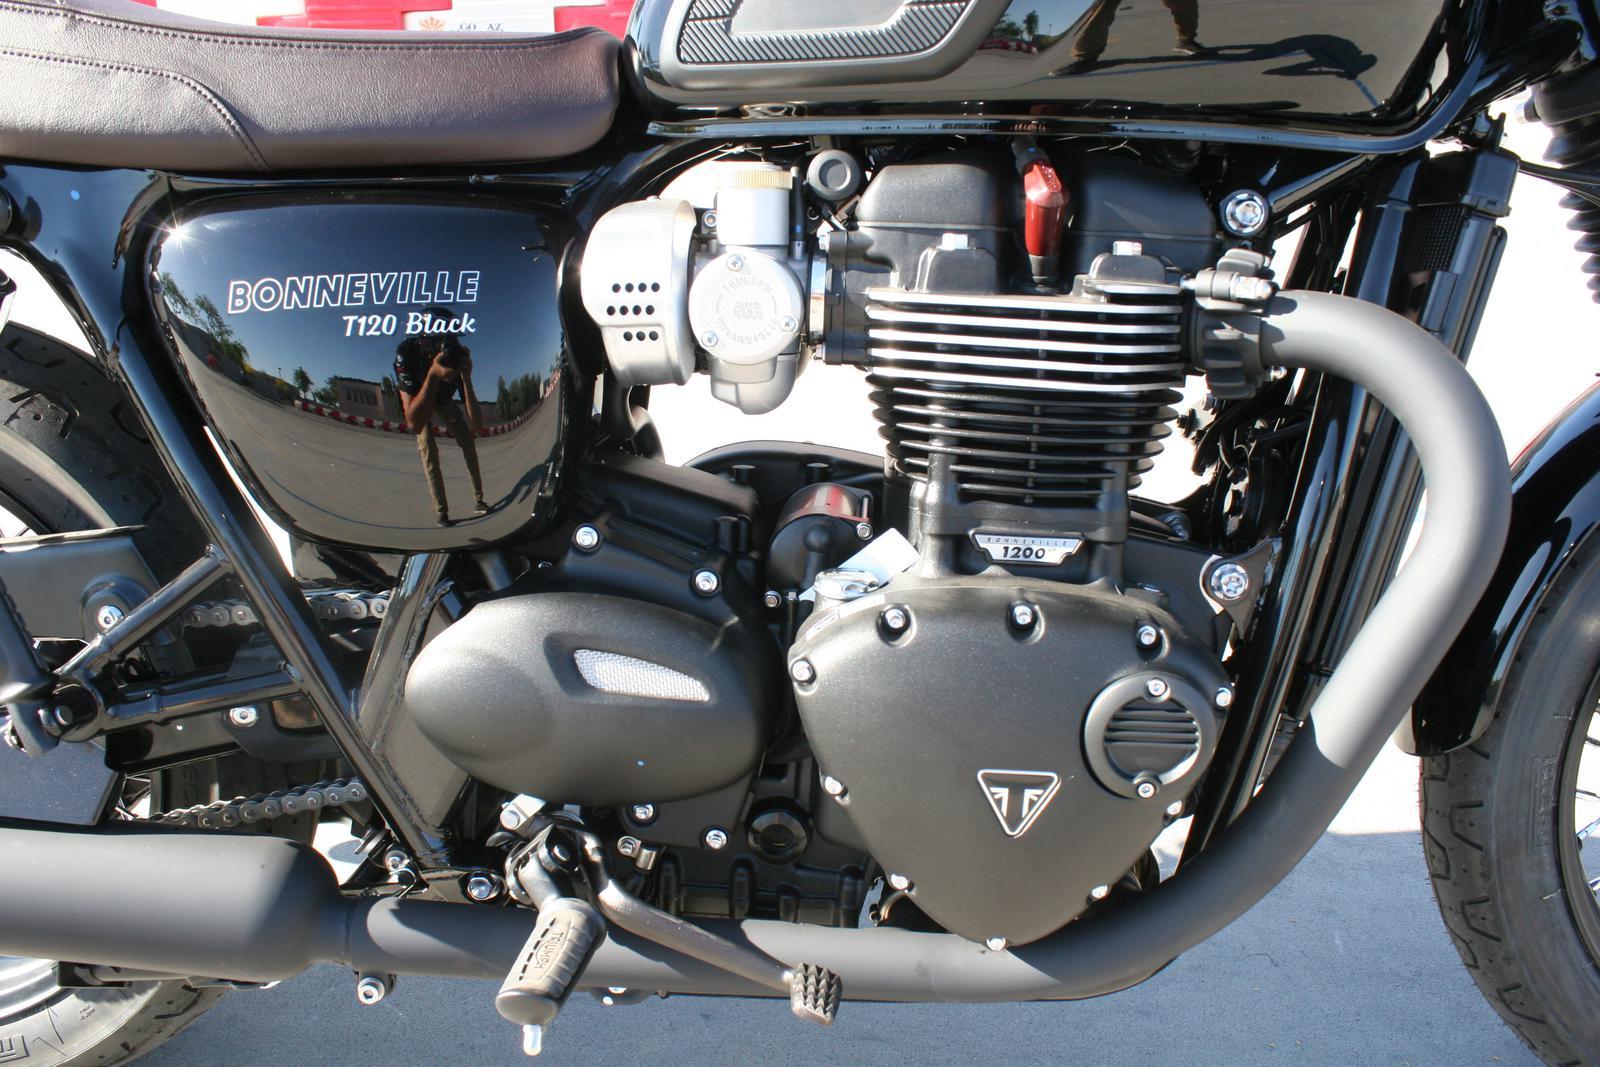 2019 Triumph Bonneville T120 Black For Sale In Scottsdale Az